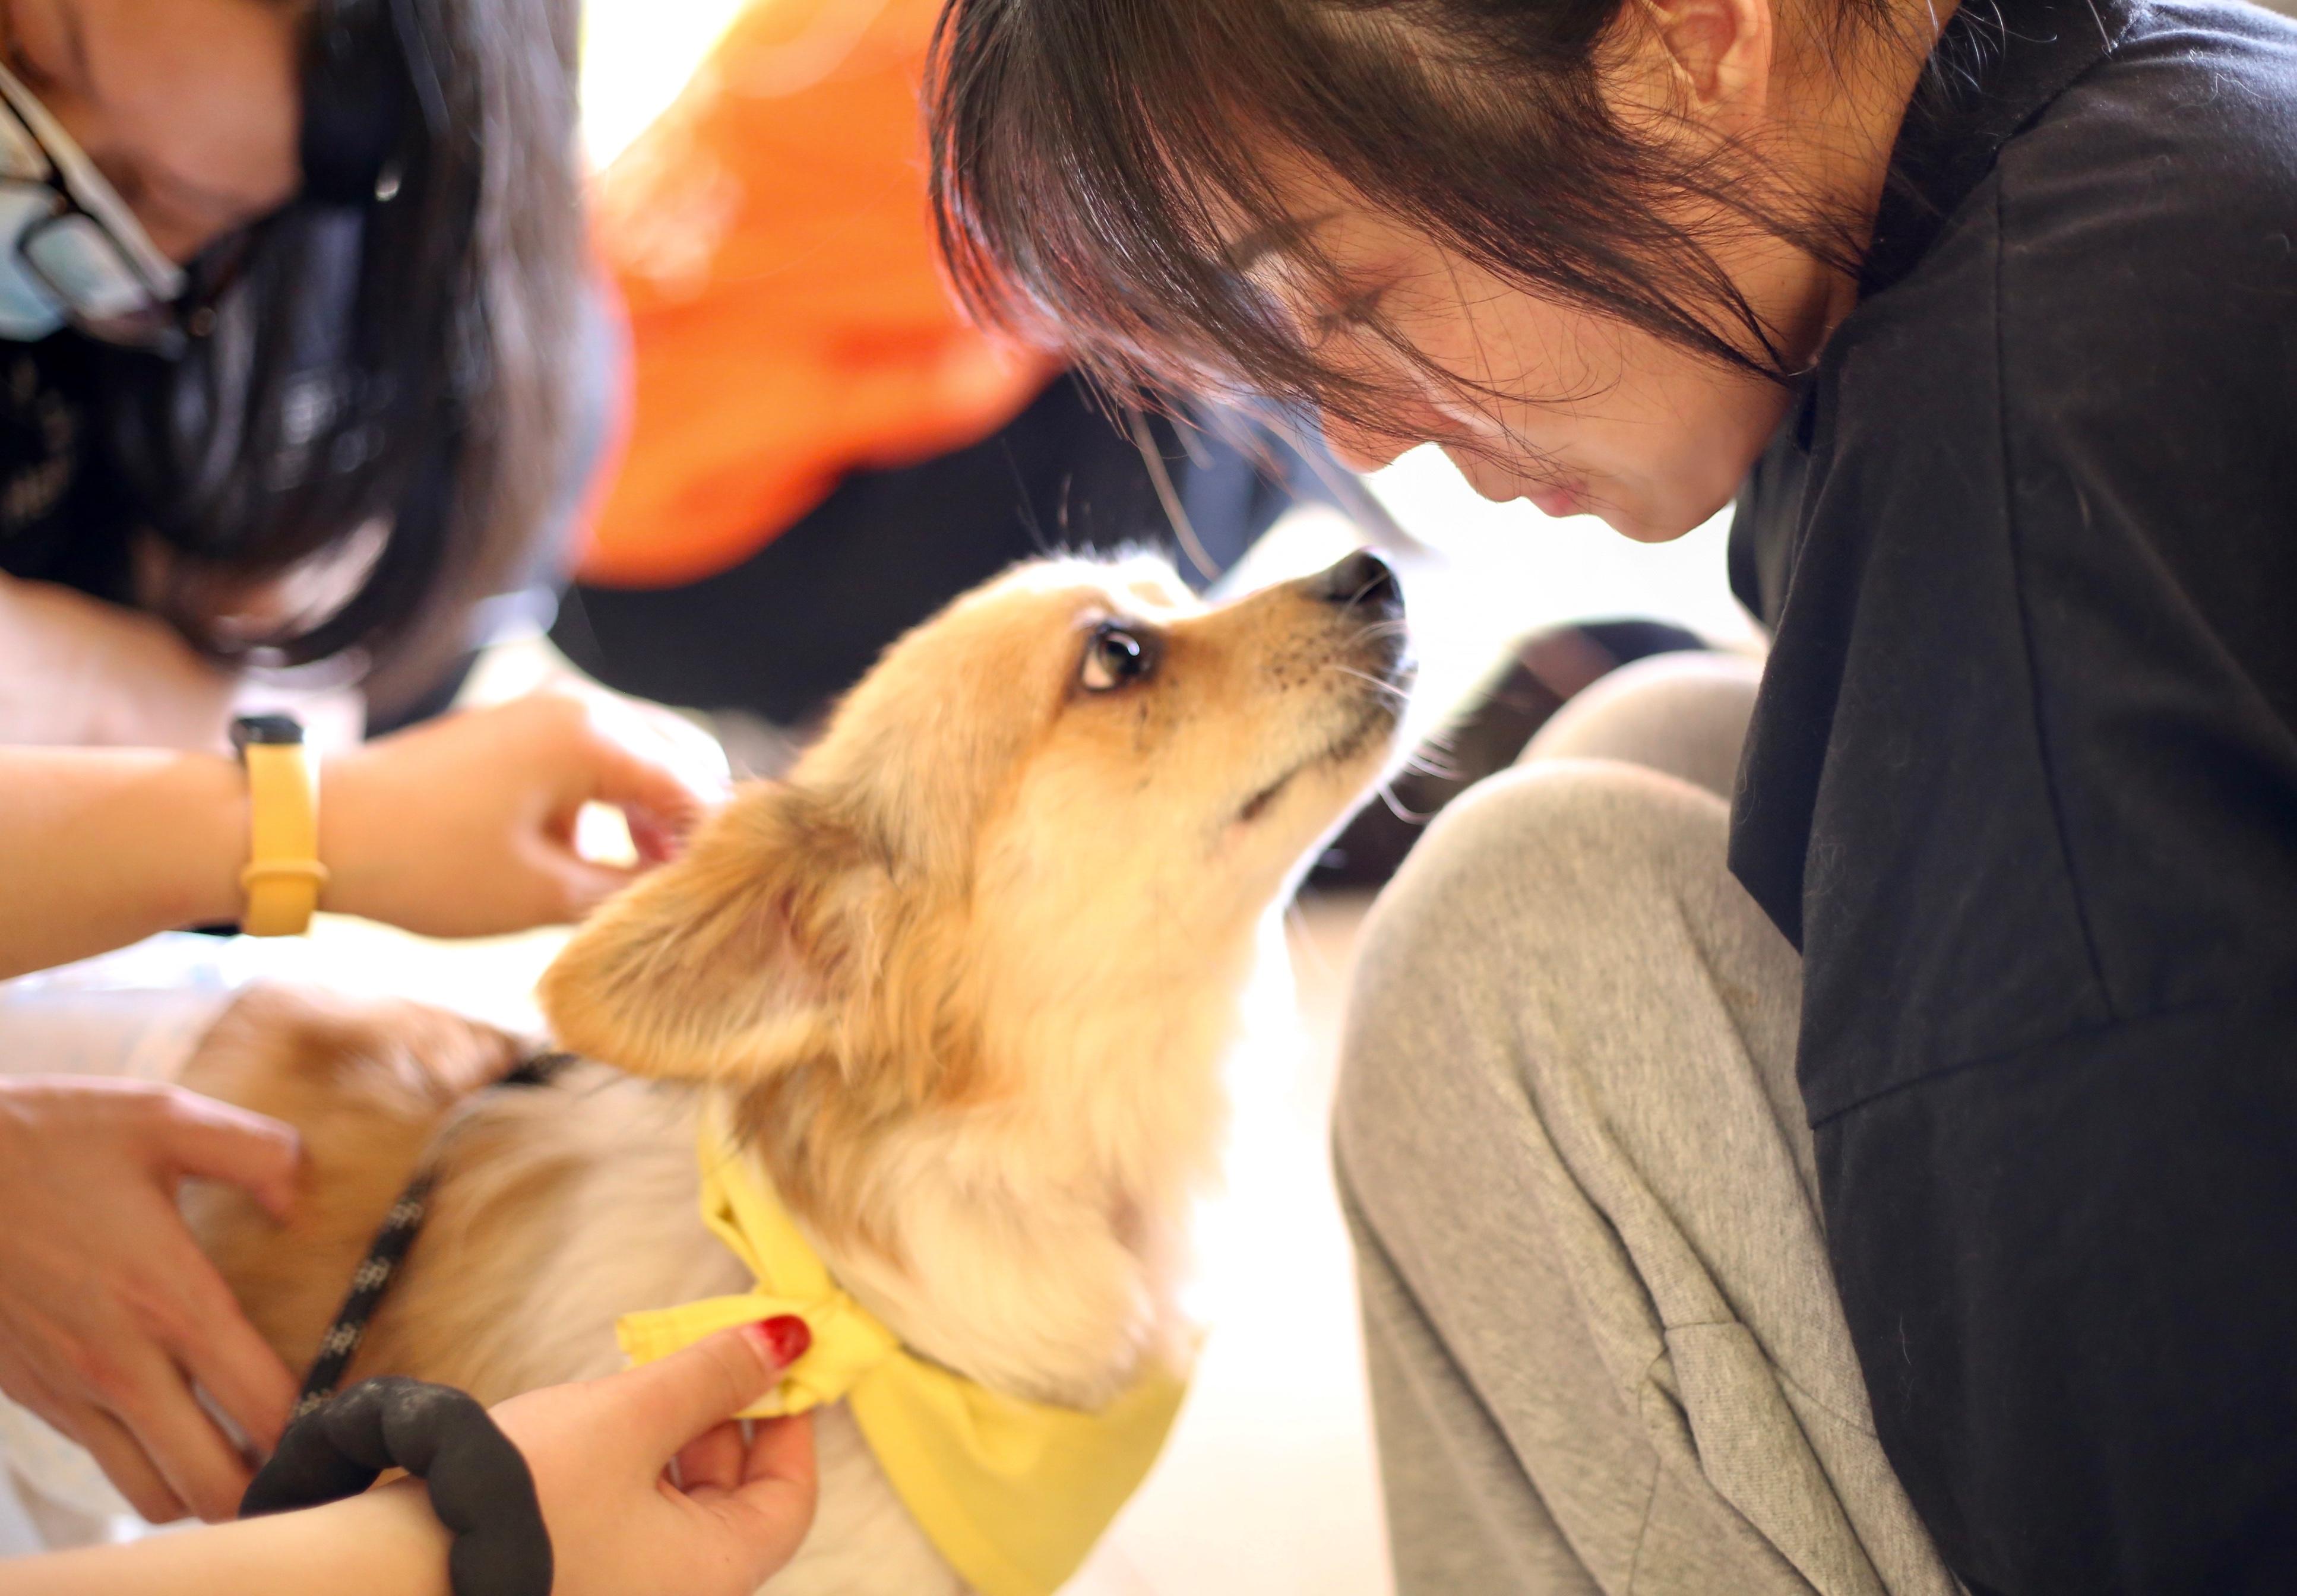 多数的收容所都会帮忙处理领养程序,若有兴趣领养的民众,也可寻找理念相同、有适合自己饲养的猫狗、或价钱适宜的收容所询问详情。-图取自网络-